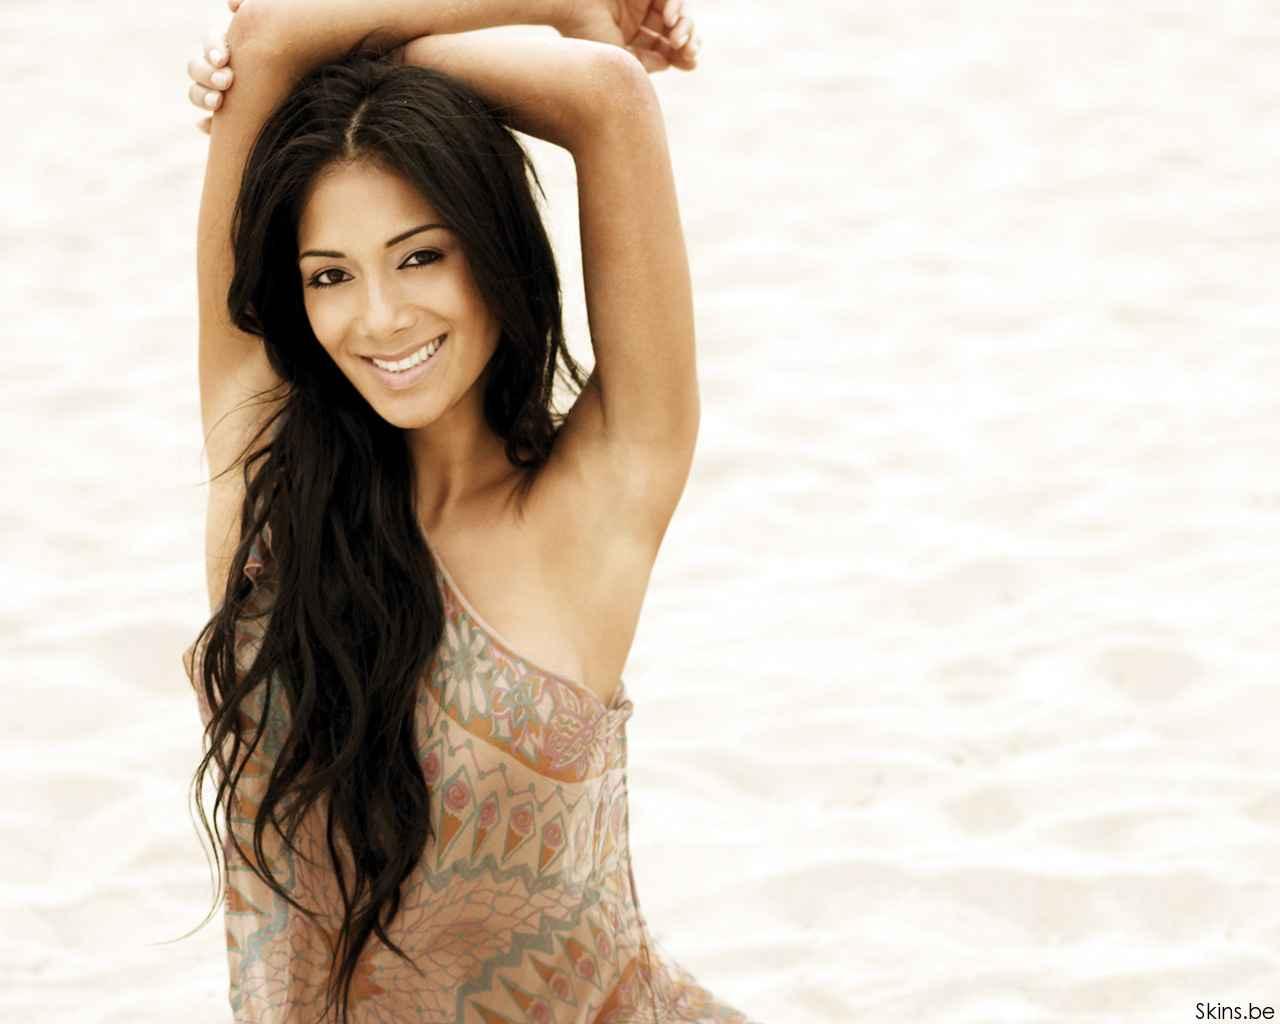 http://1.bp.blogspot.com/-iEXE3tT-nYo/Ti7fAYF7dRI/AAAAAAAAKPc/USRiRdfwbSo/s1600/Nicole+-Scherzinger+-10.jpg